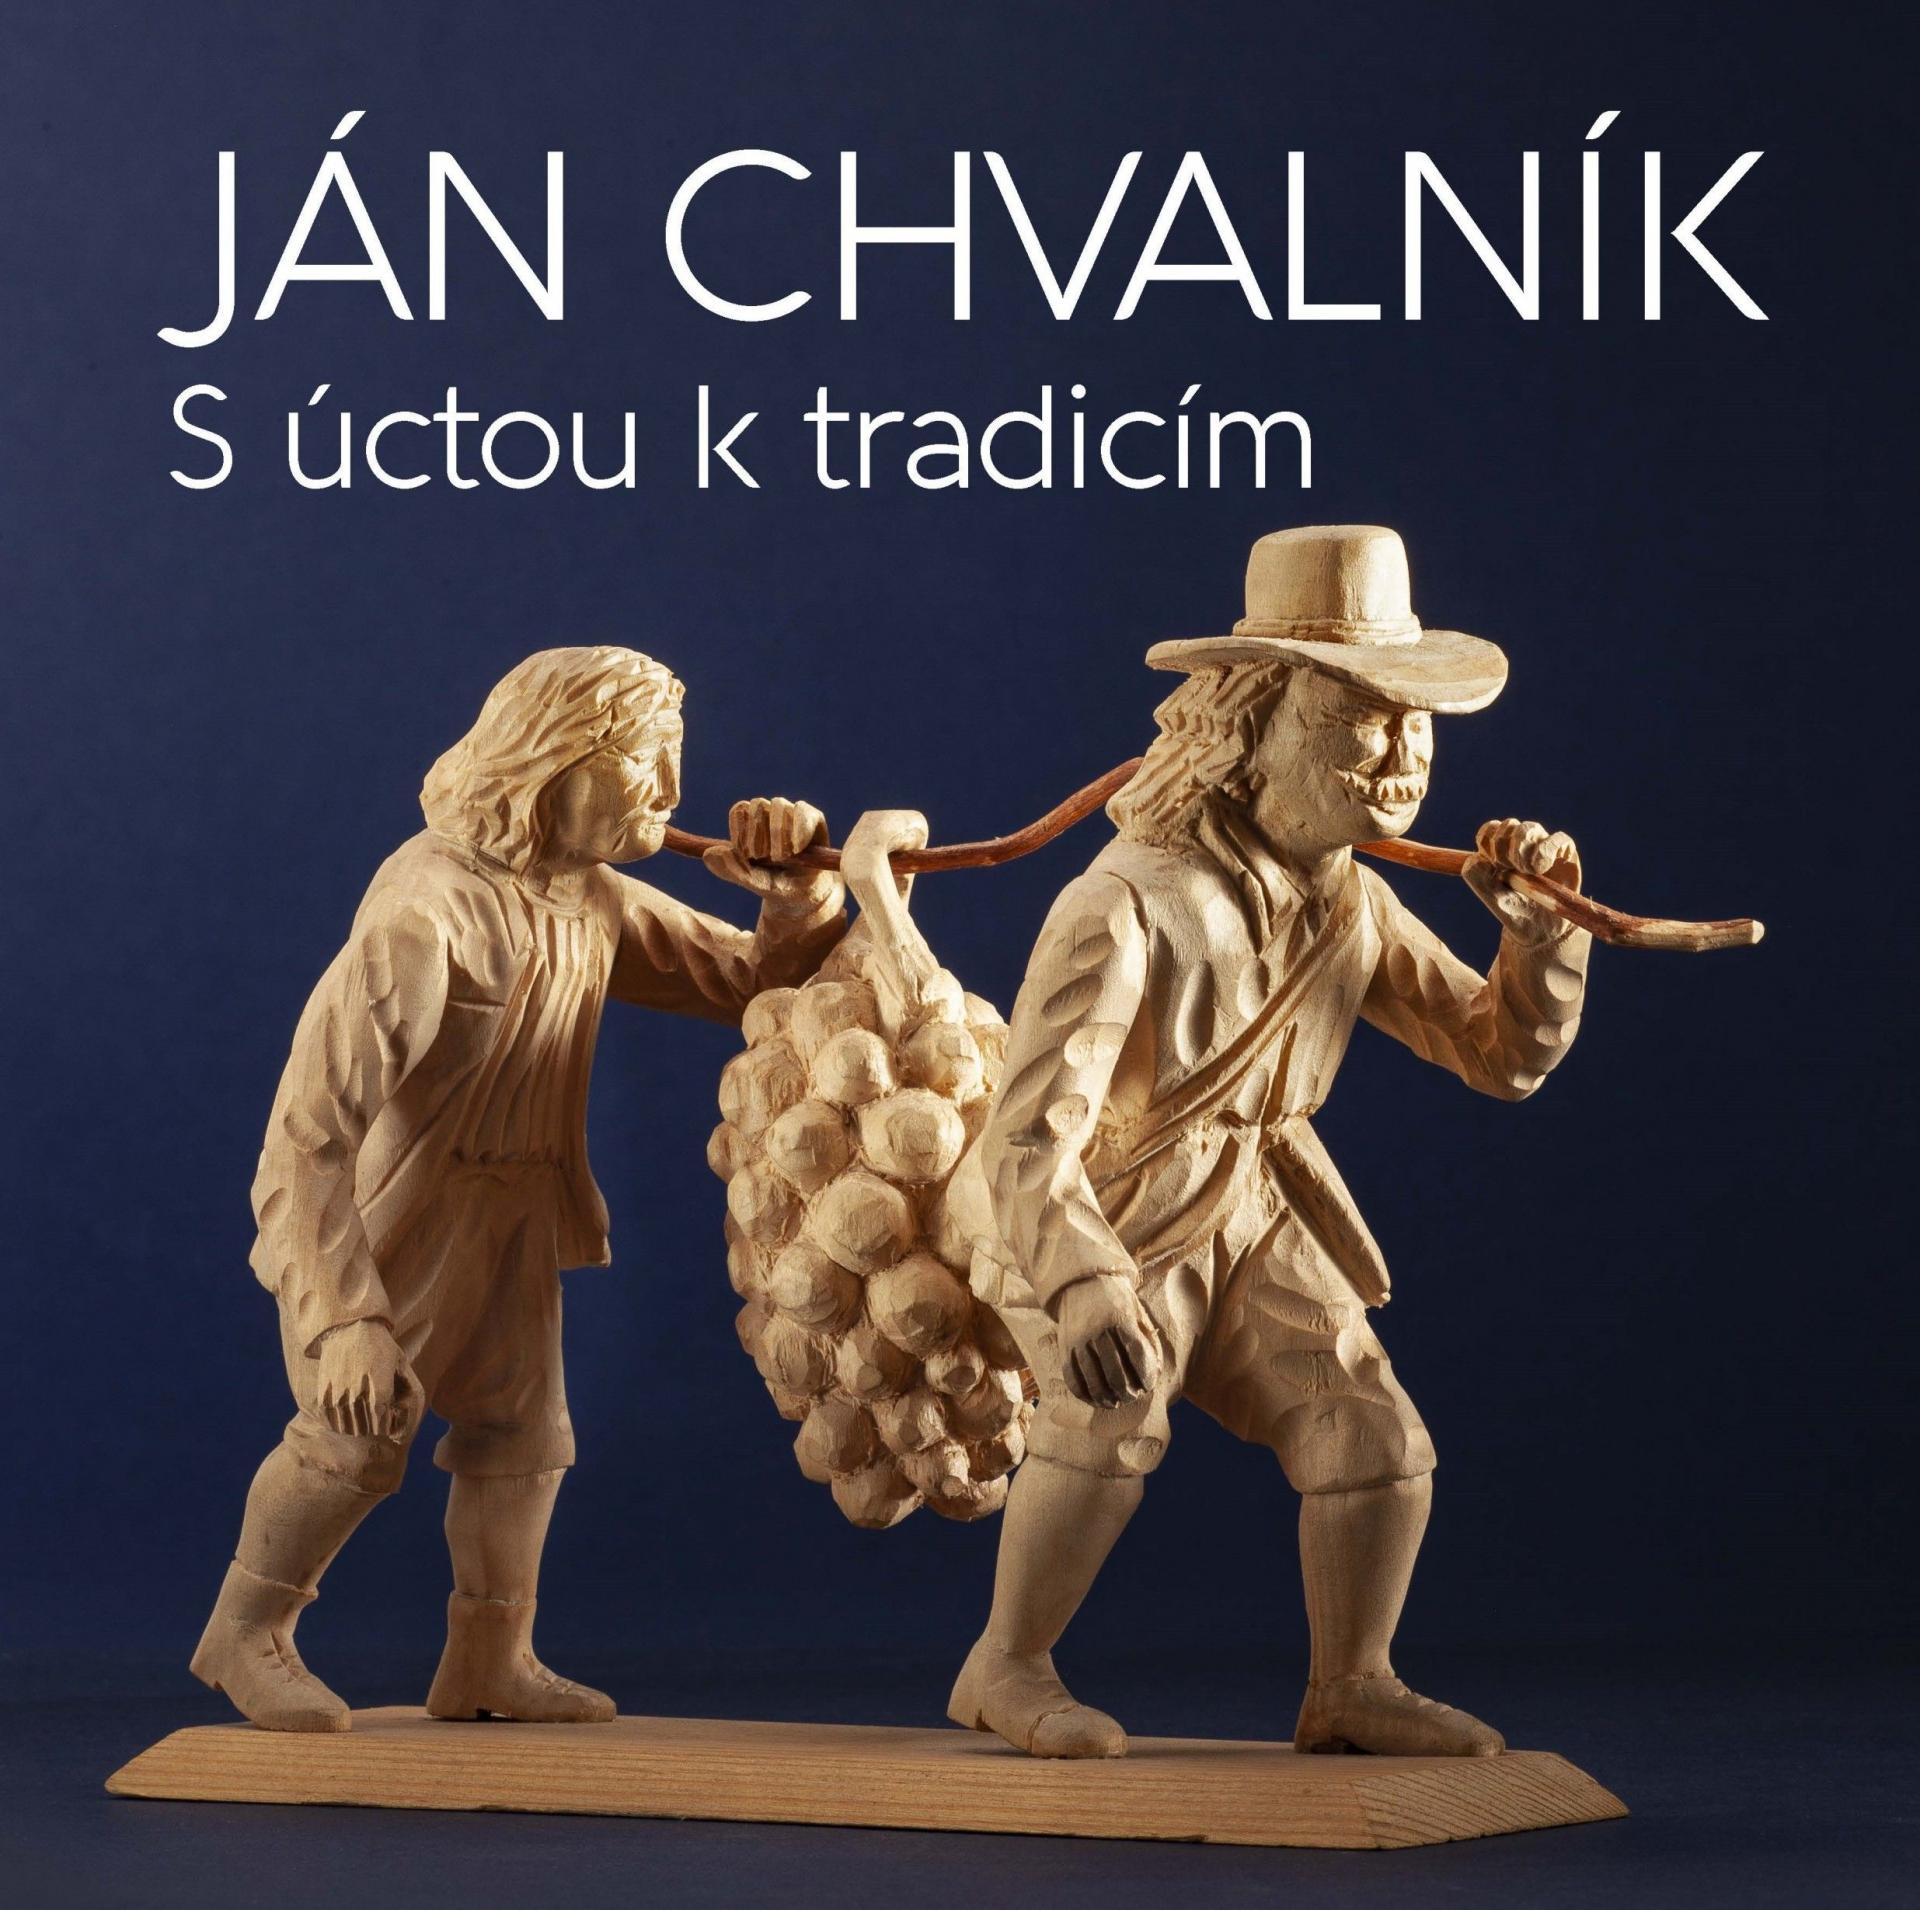 Výstava: Ján Chvalník - S úctou k tradicím